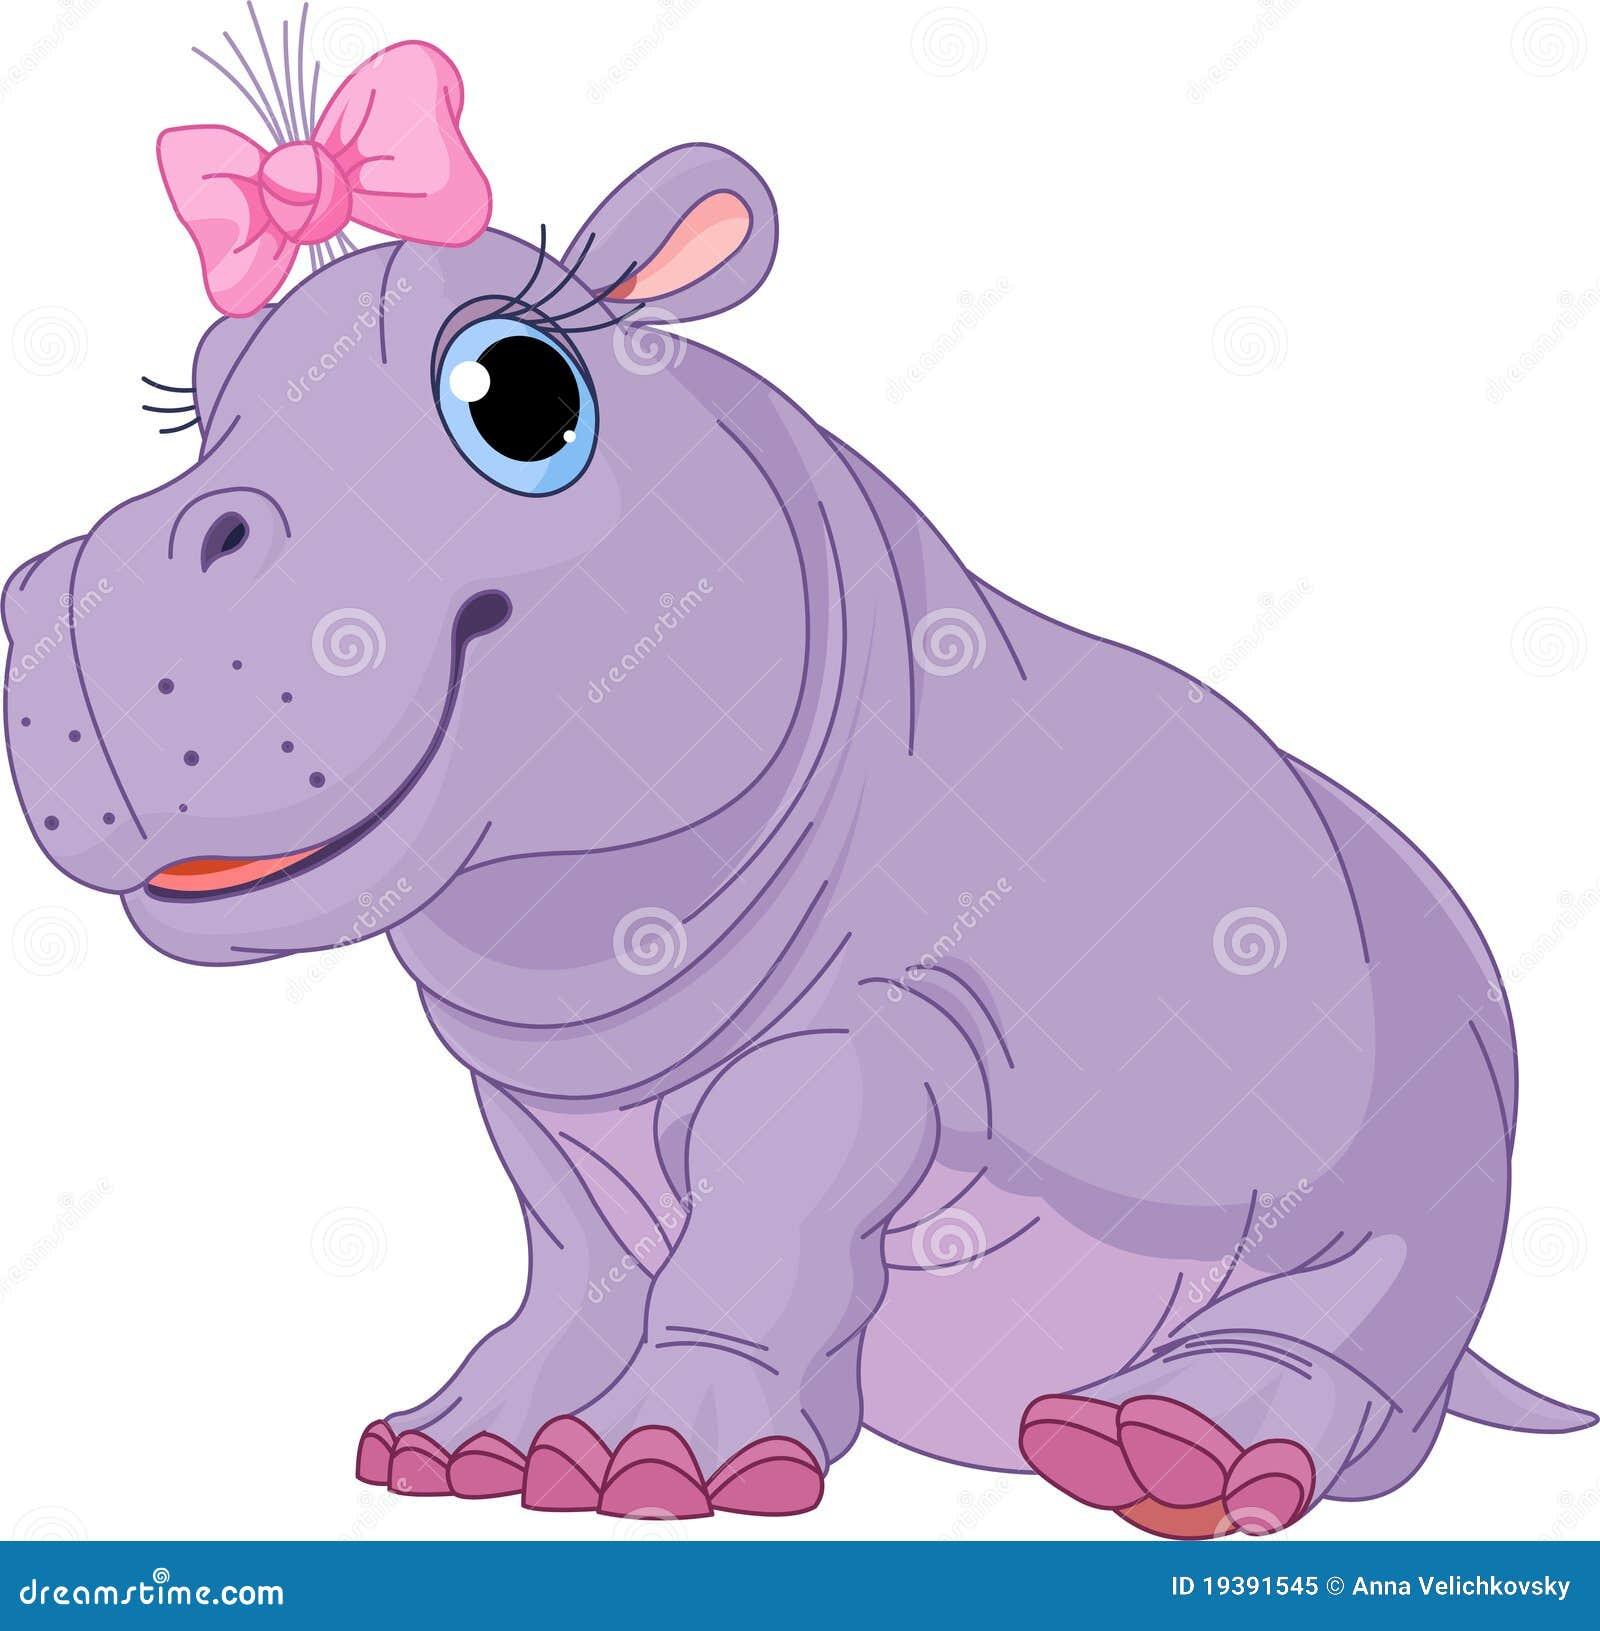 Baby hippo cartoon pixshark images galleries